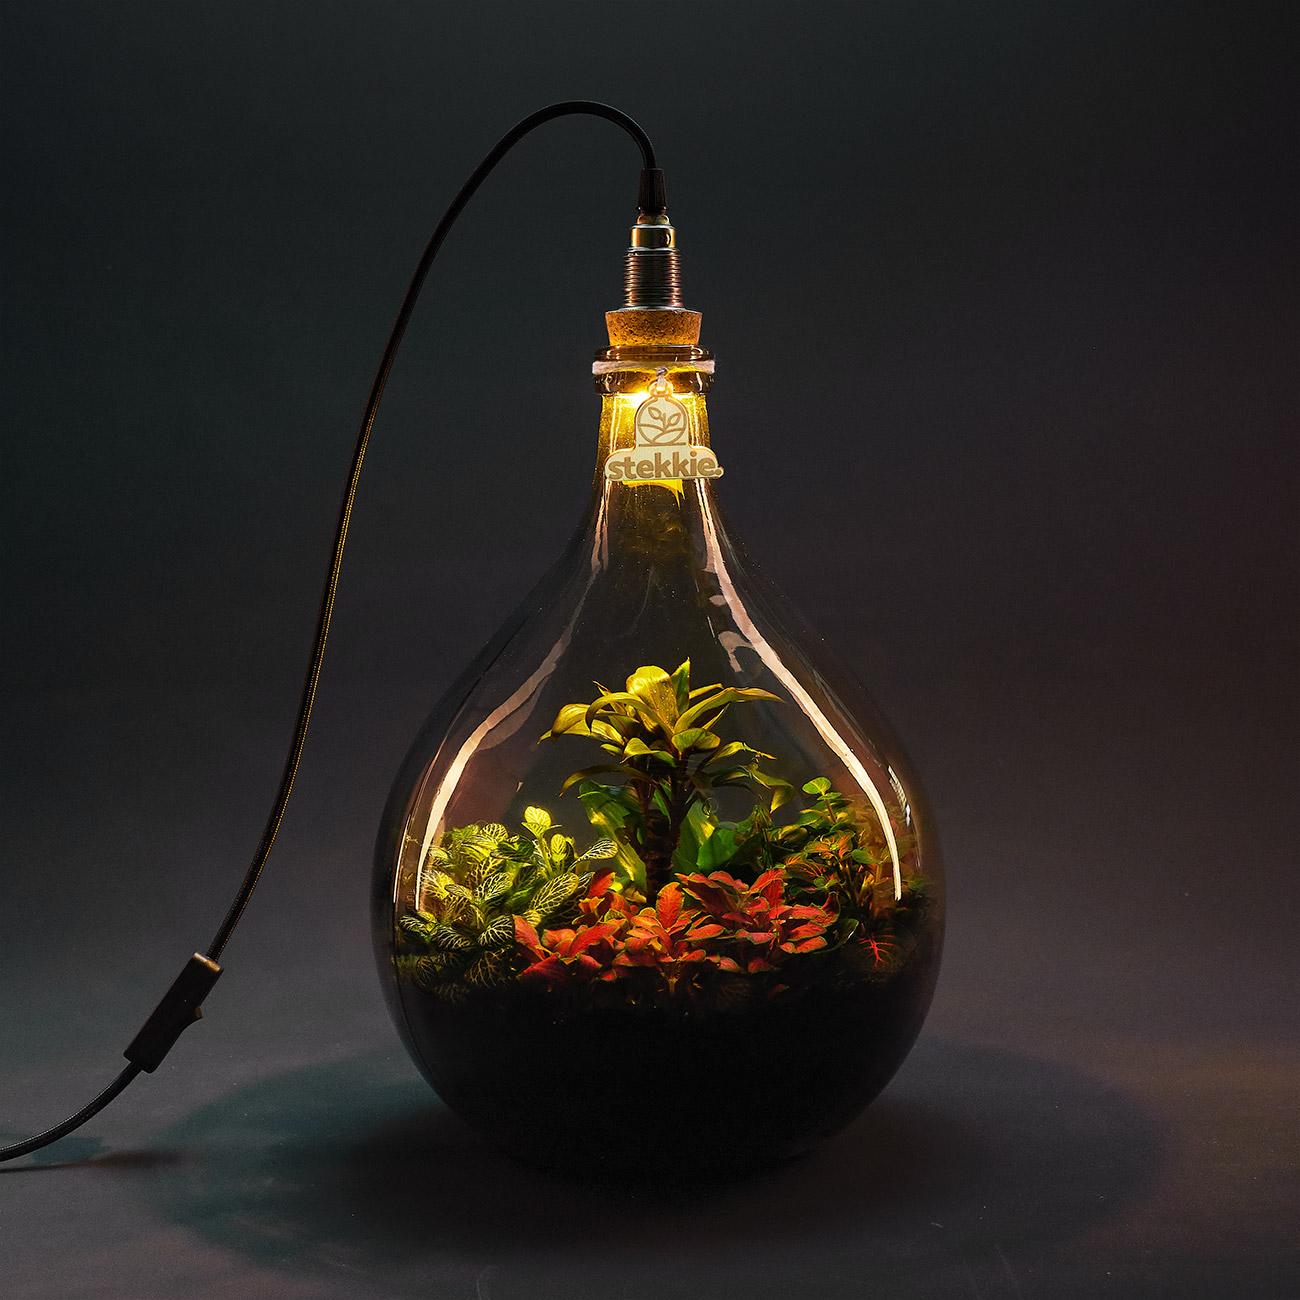 Planten in een glazen fles die sfeervol worden verlicht door een lamp op de fles